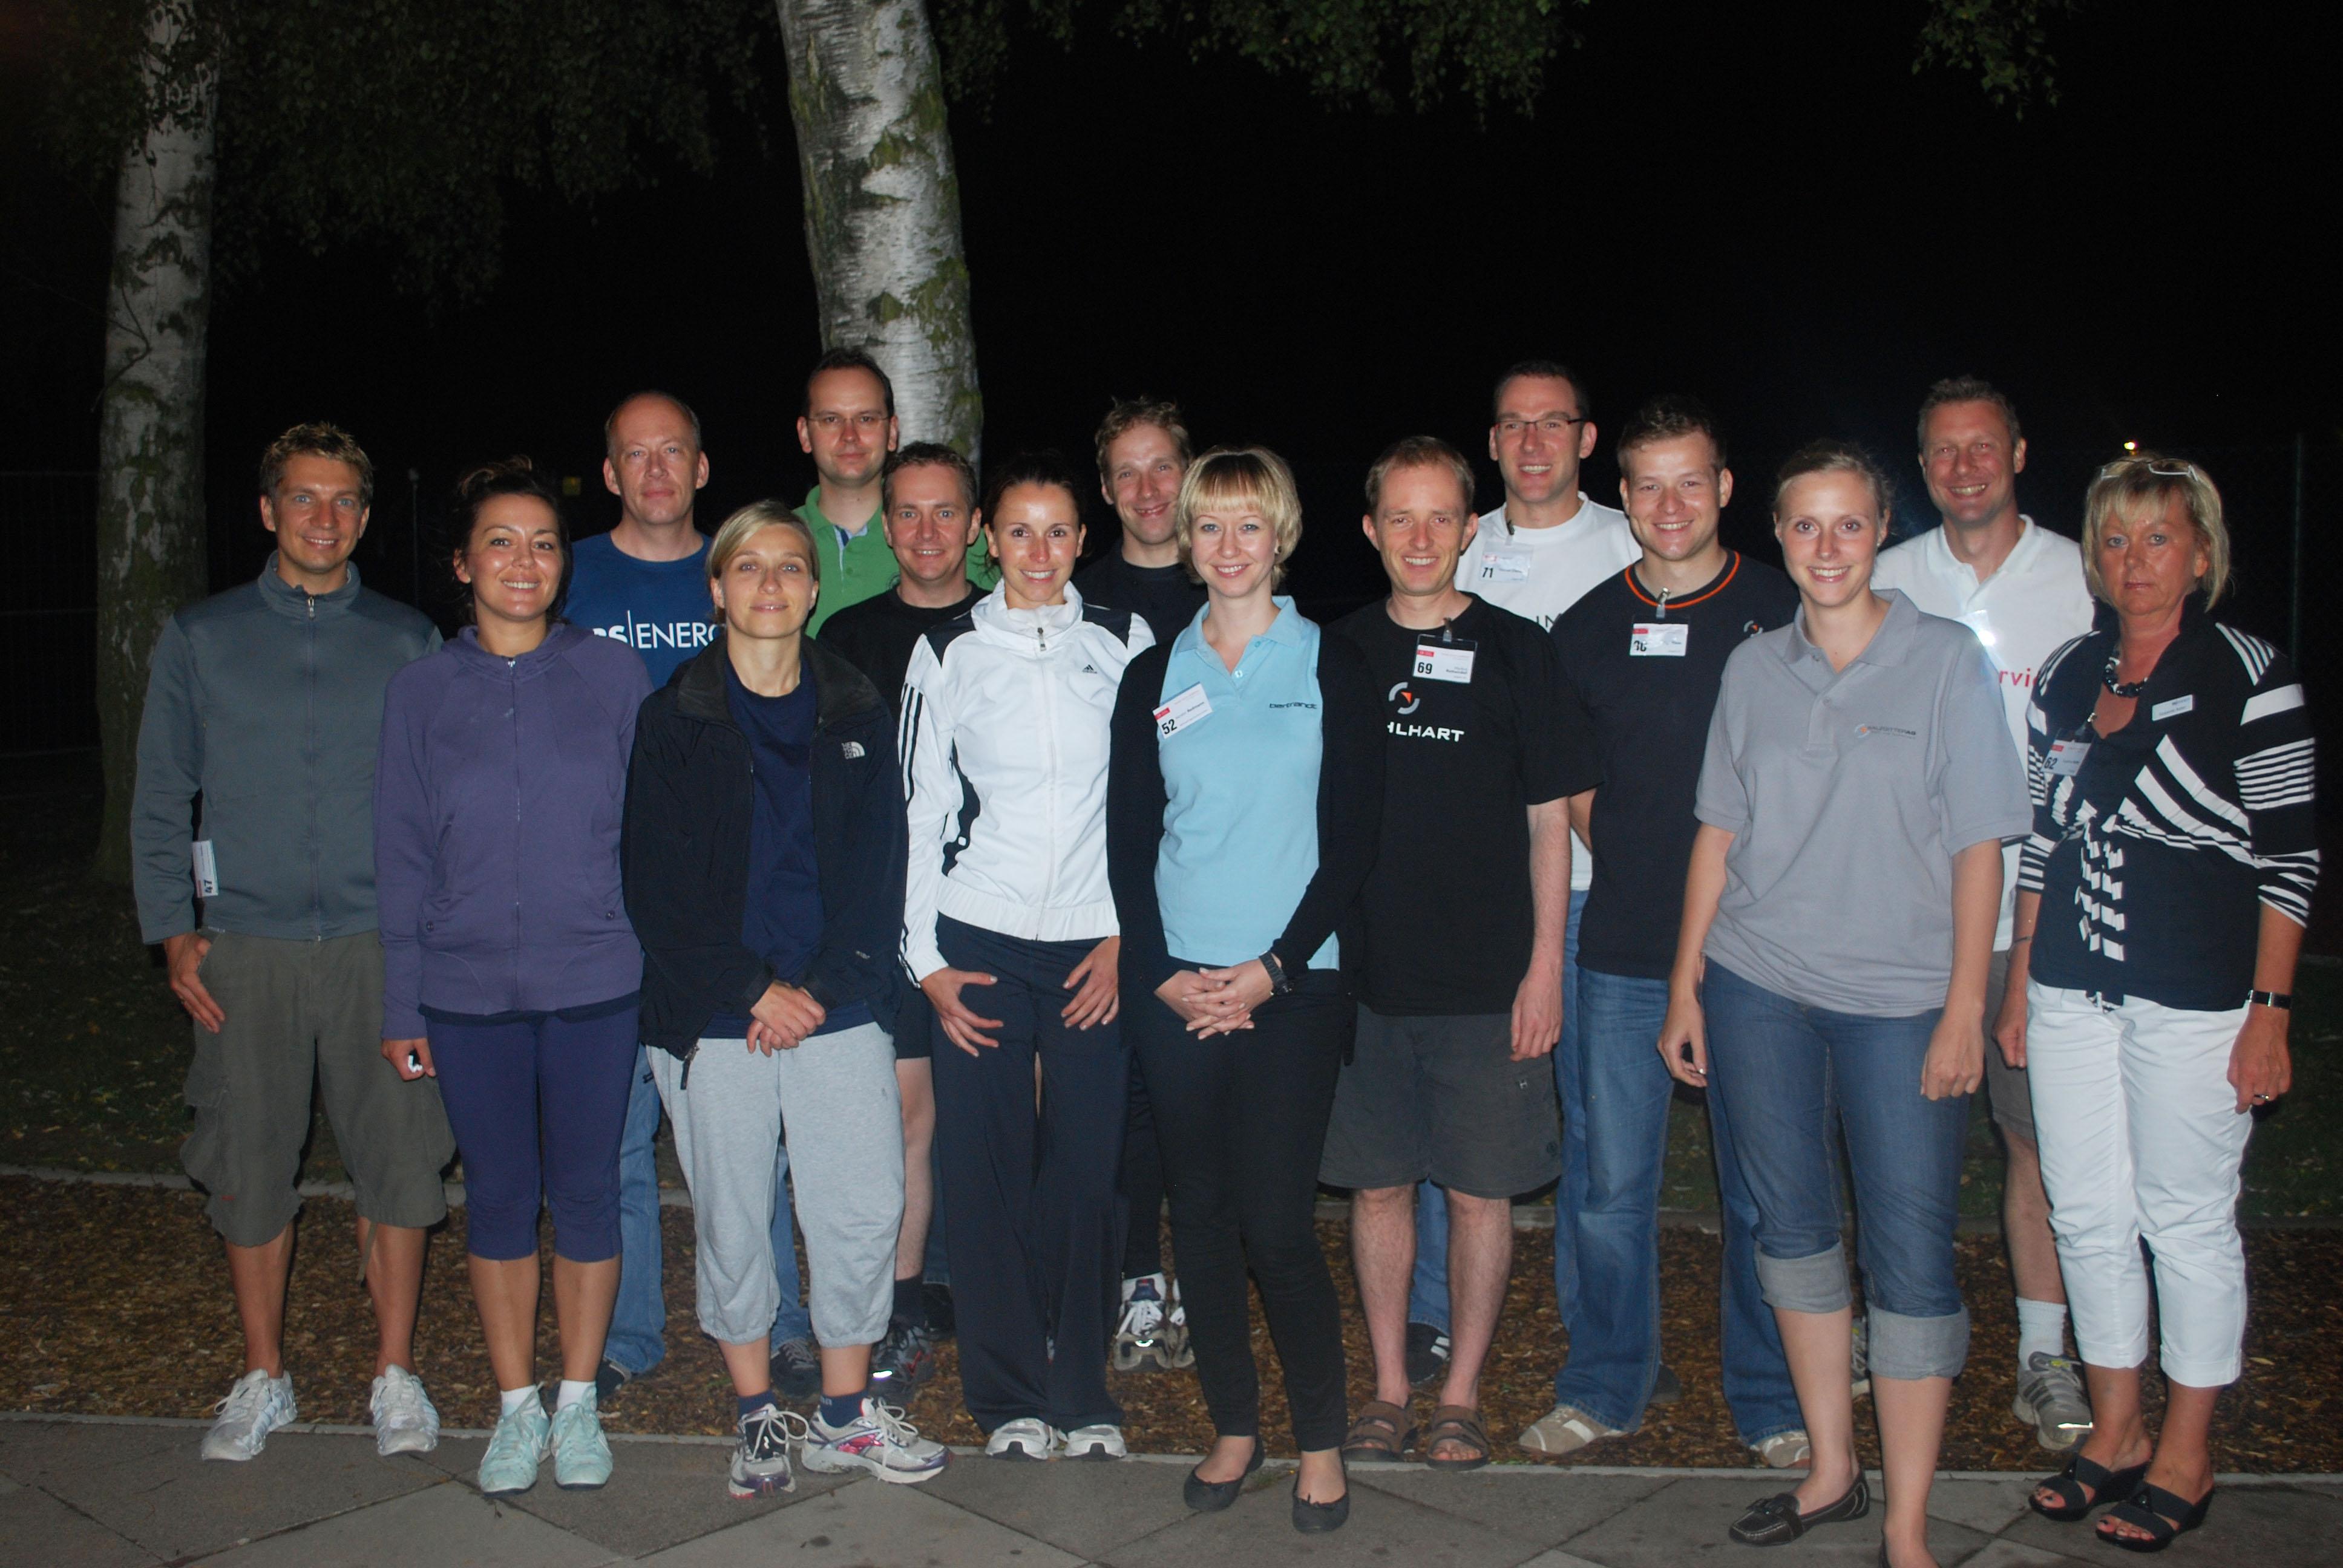 2011/08/26 - Organisatoren und Arbeitgebervertreter